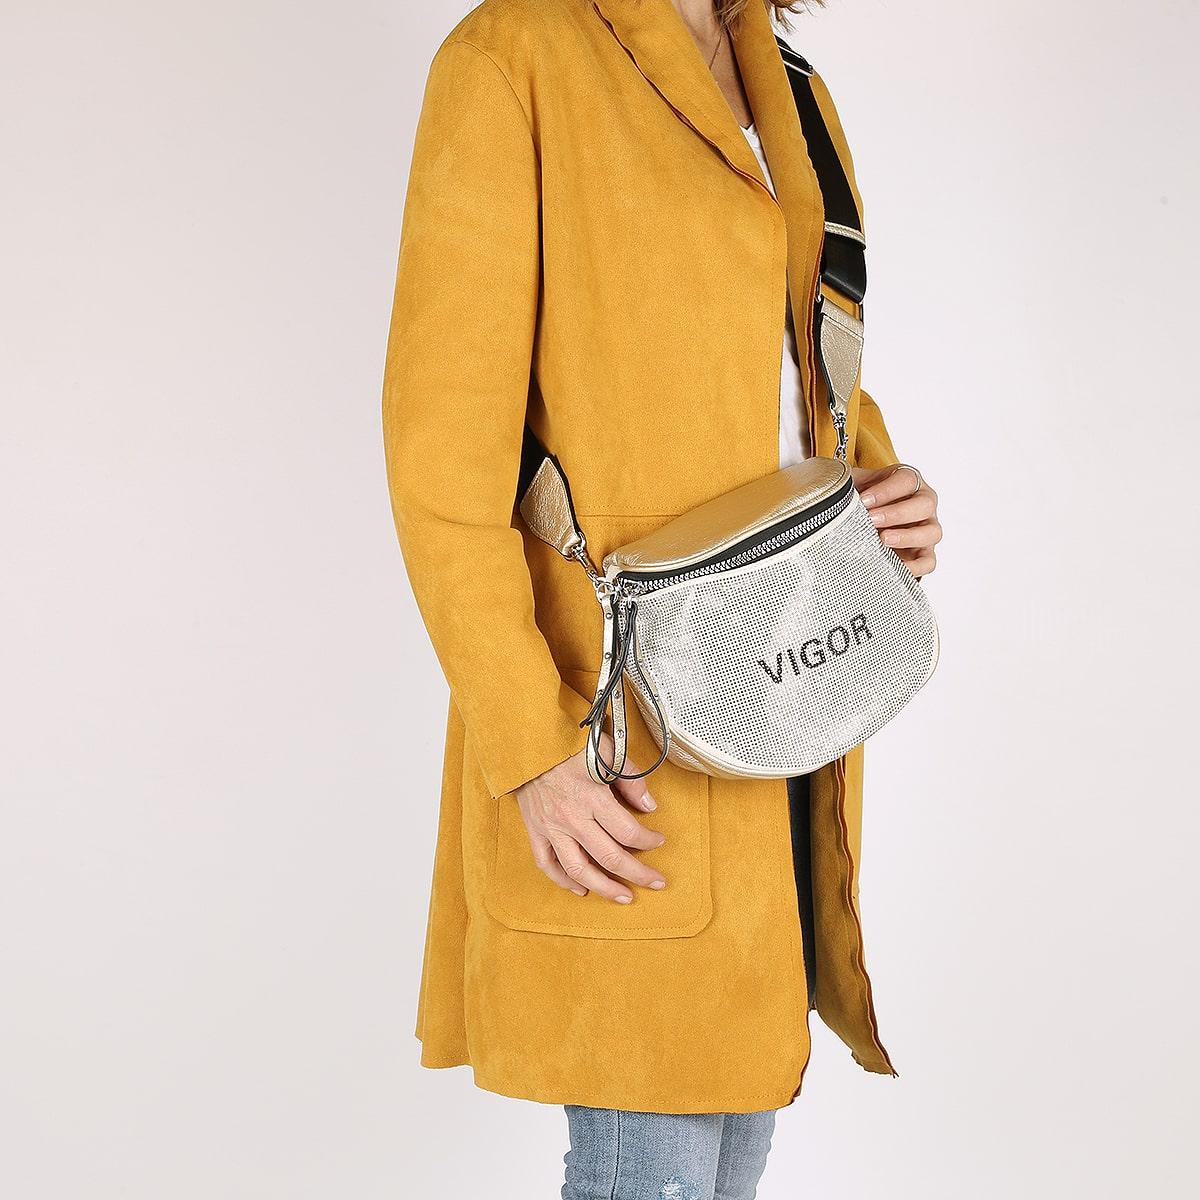 דגם לימי: תיק פאוץ' לנשים בצבע זהב